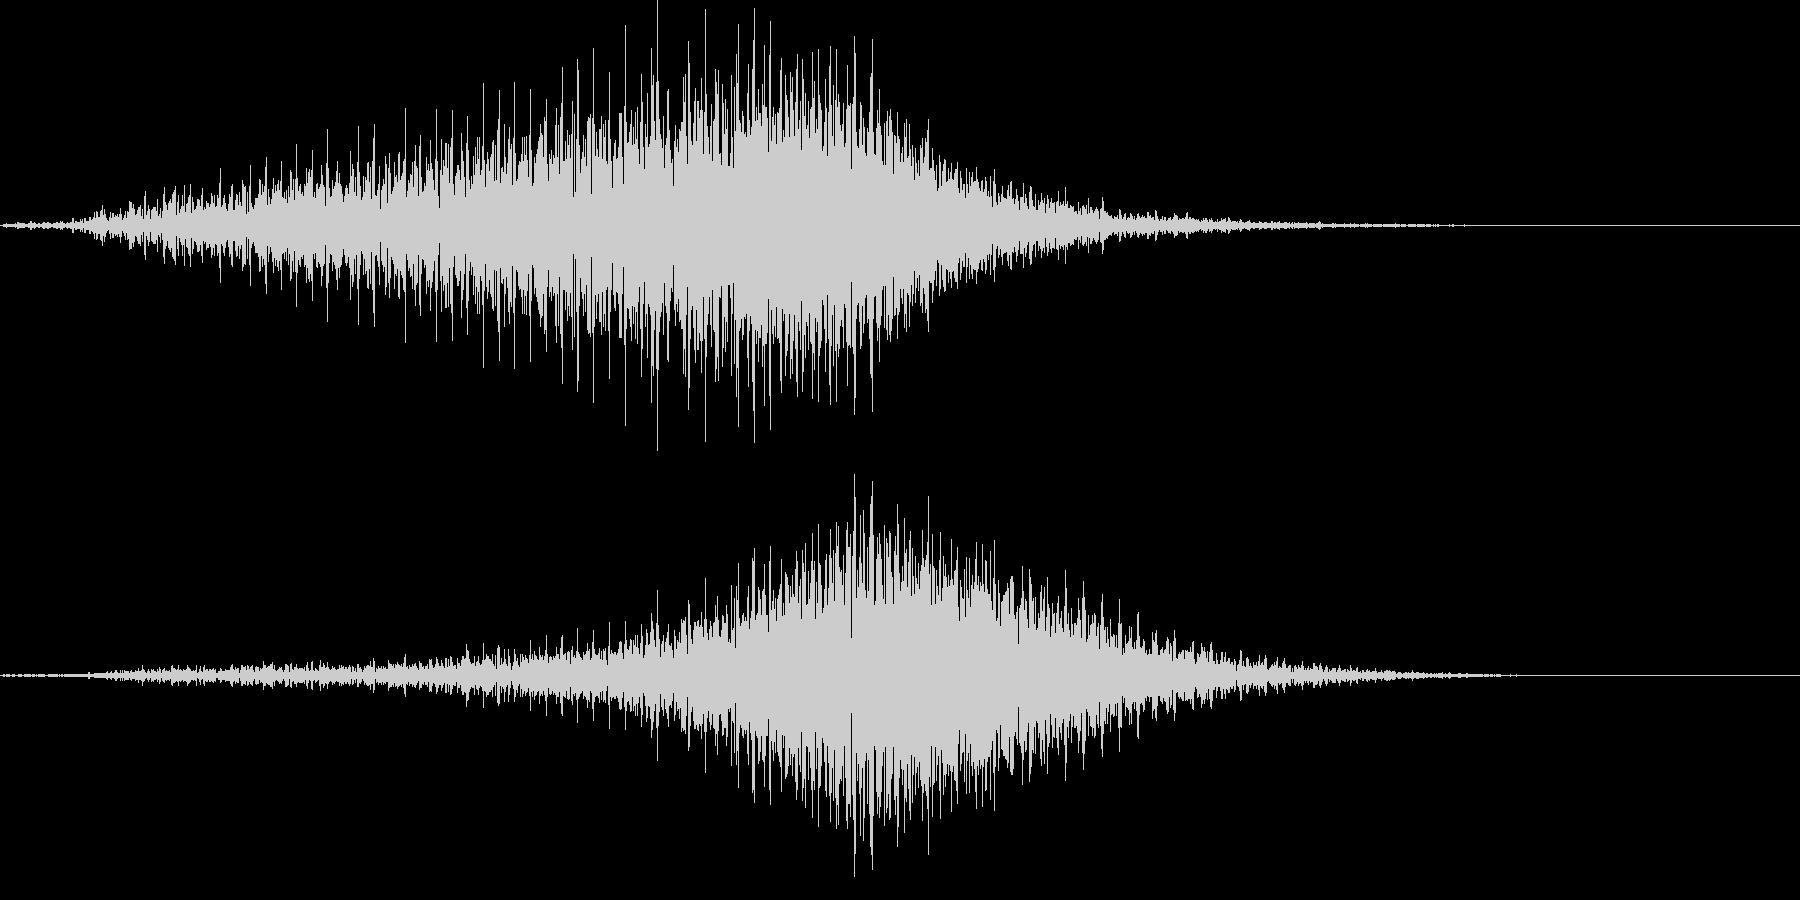 【輸送機】ブルブル,バラバラ 左から右の未再生の波形